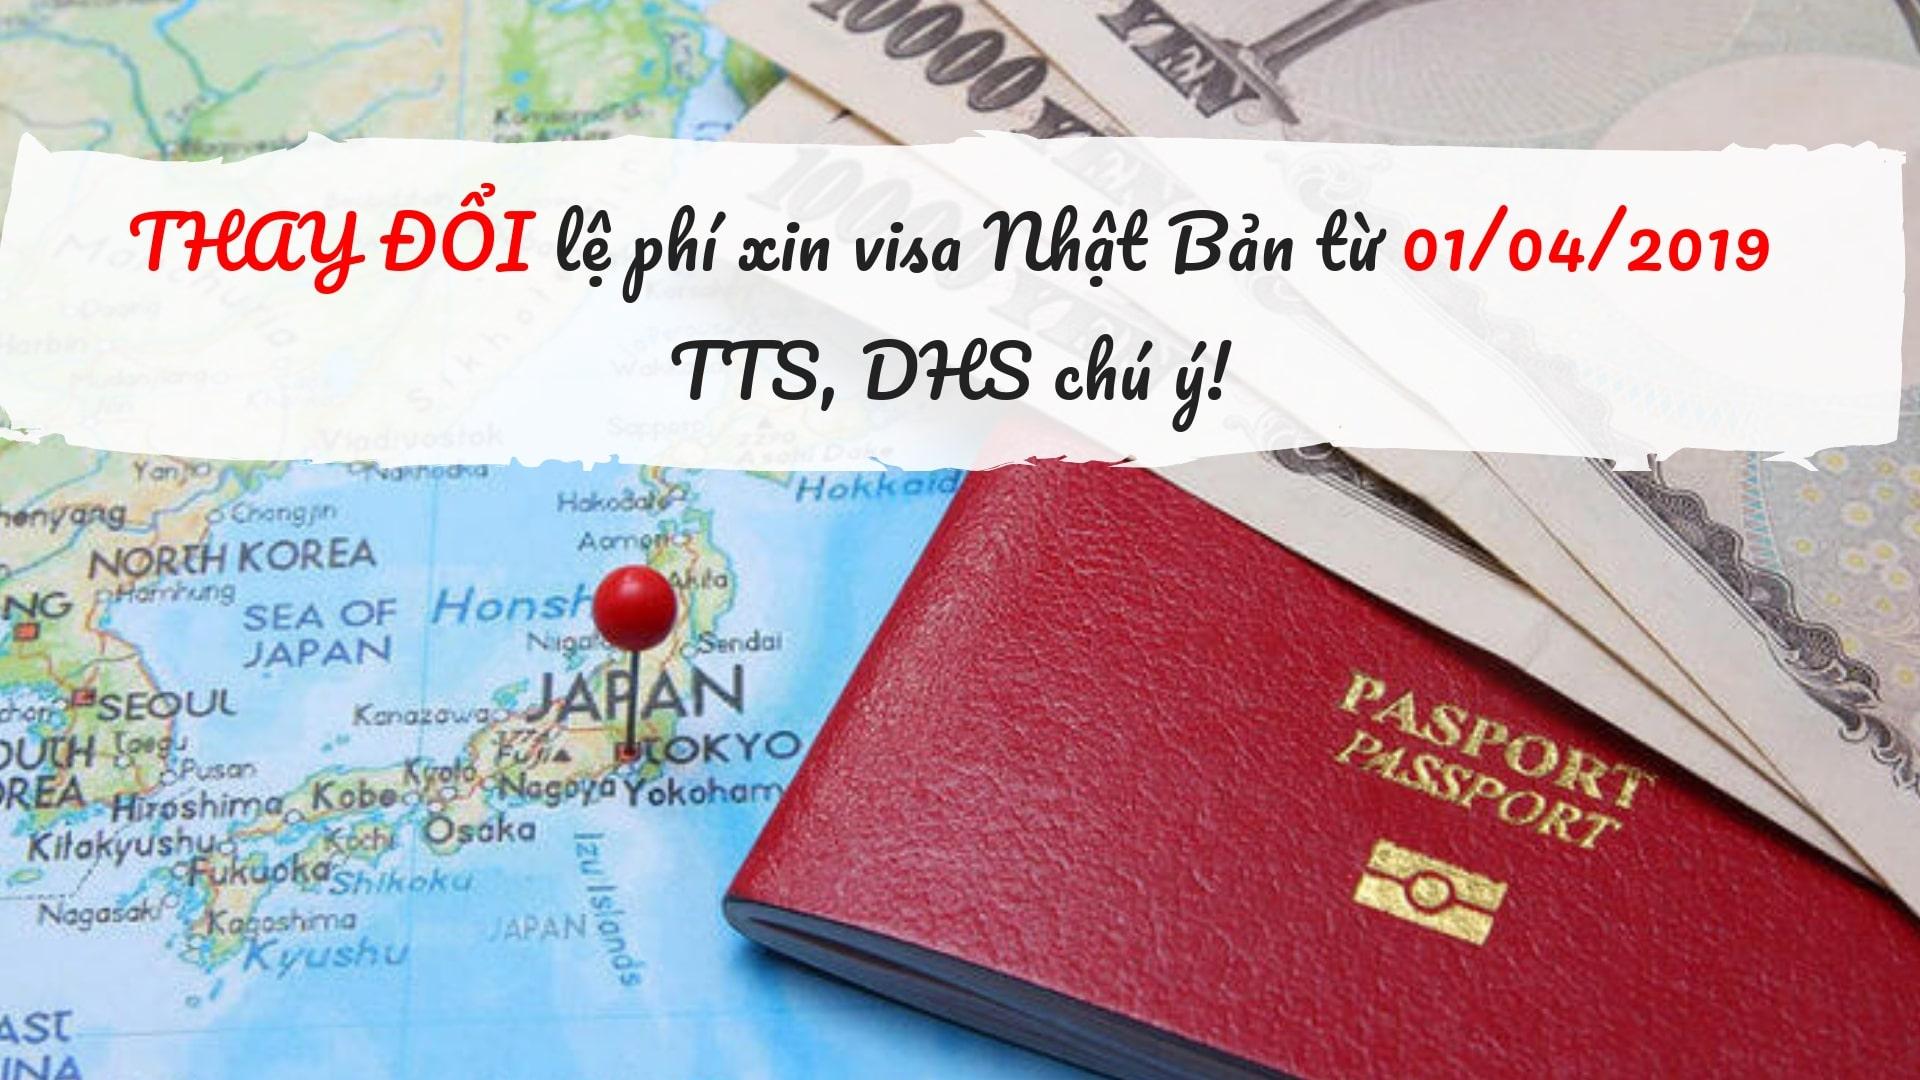 THAY ĐỔI lệ phí xin visa Nhật Bản từ 01/04/2019 – TTS, DHS chú ý!